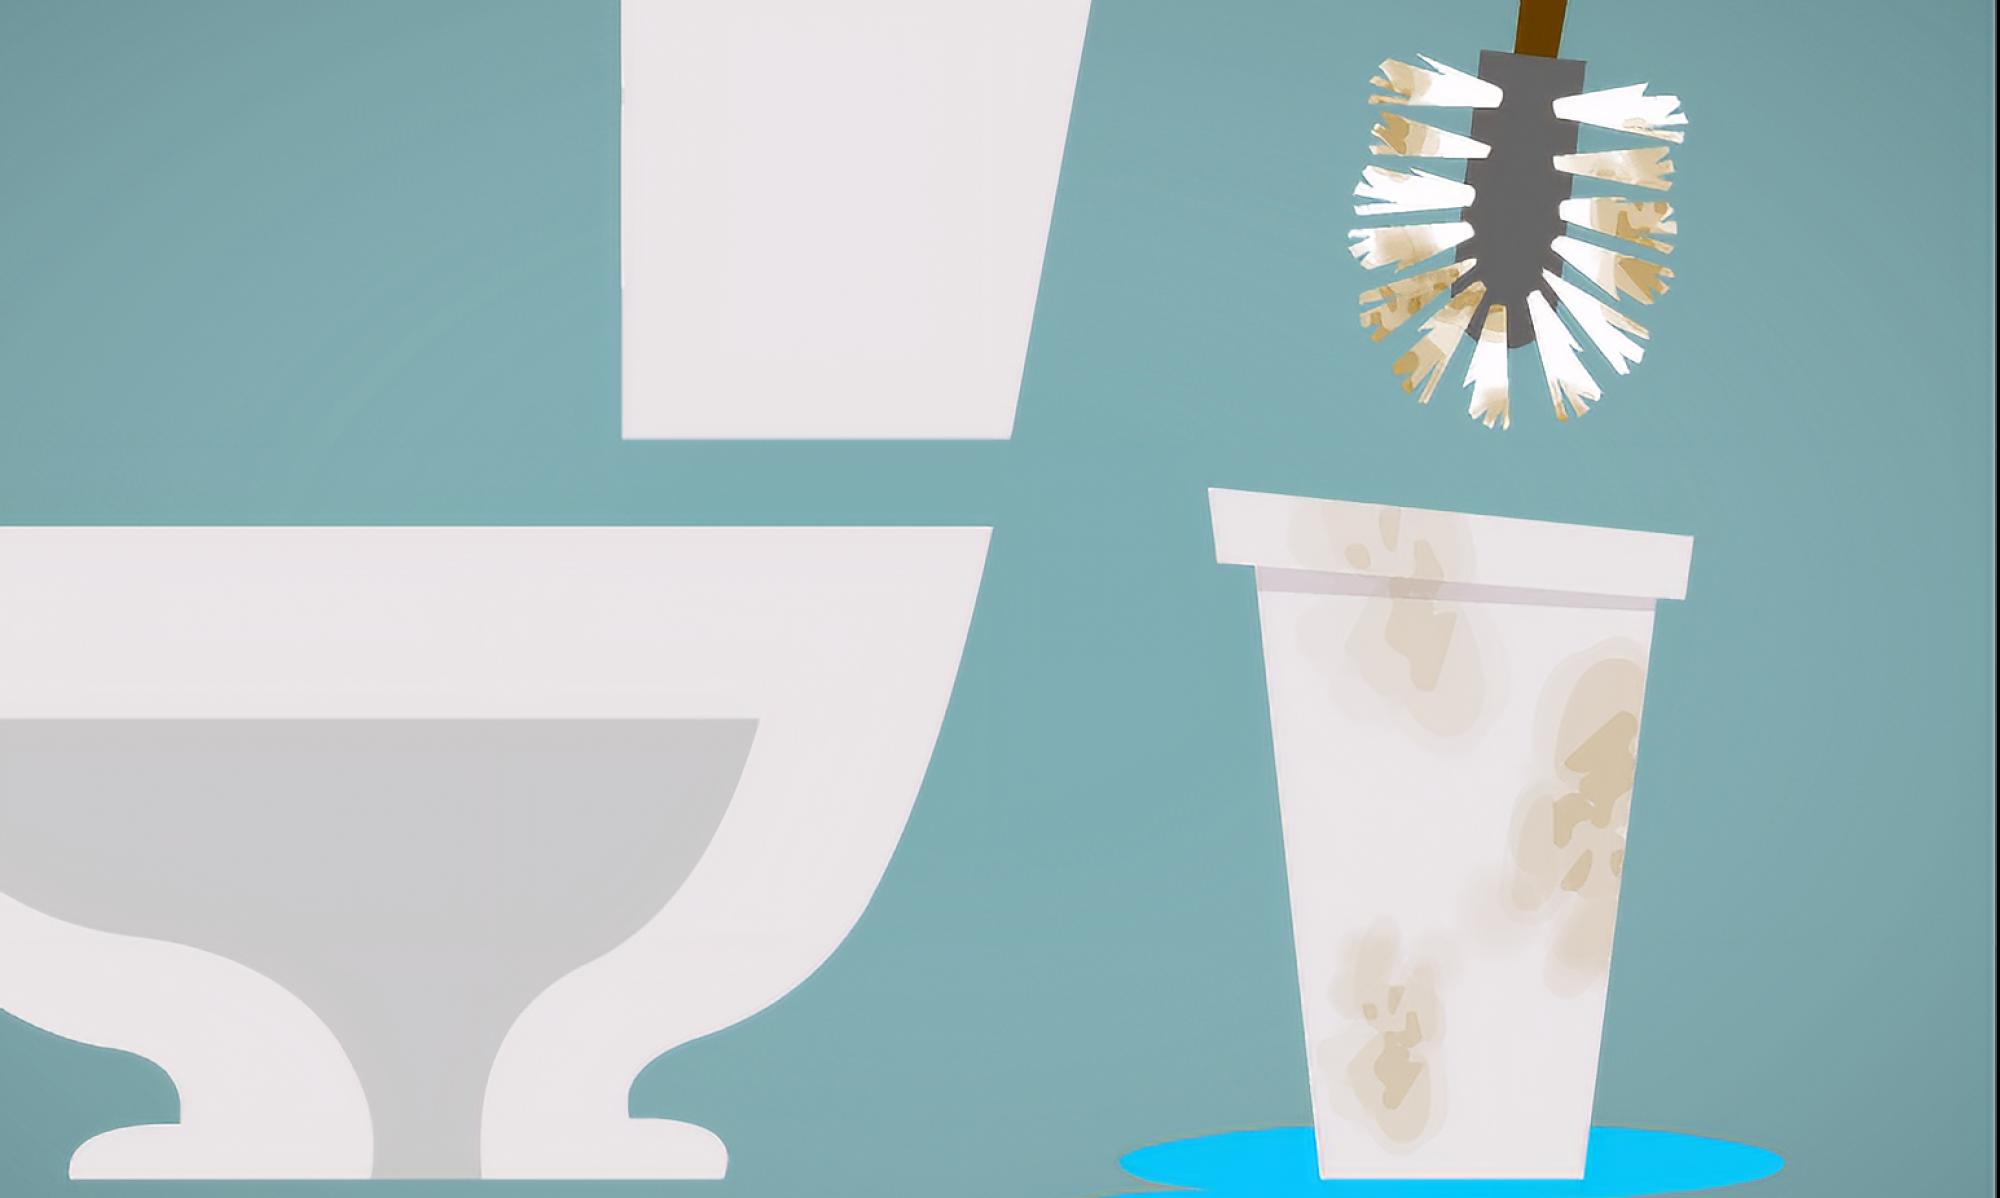 The hygienic toilet brush alternative 🚽